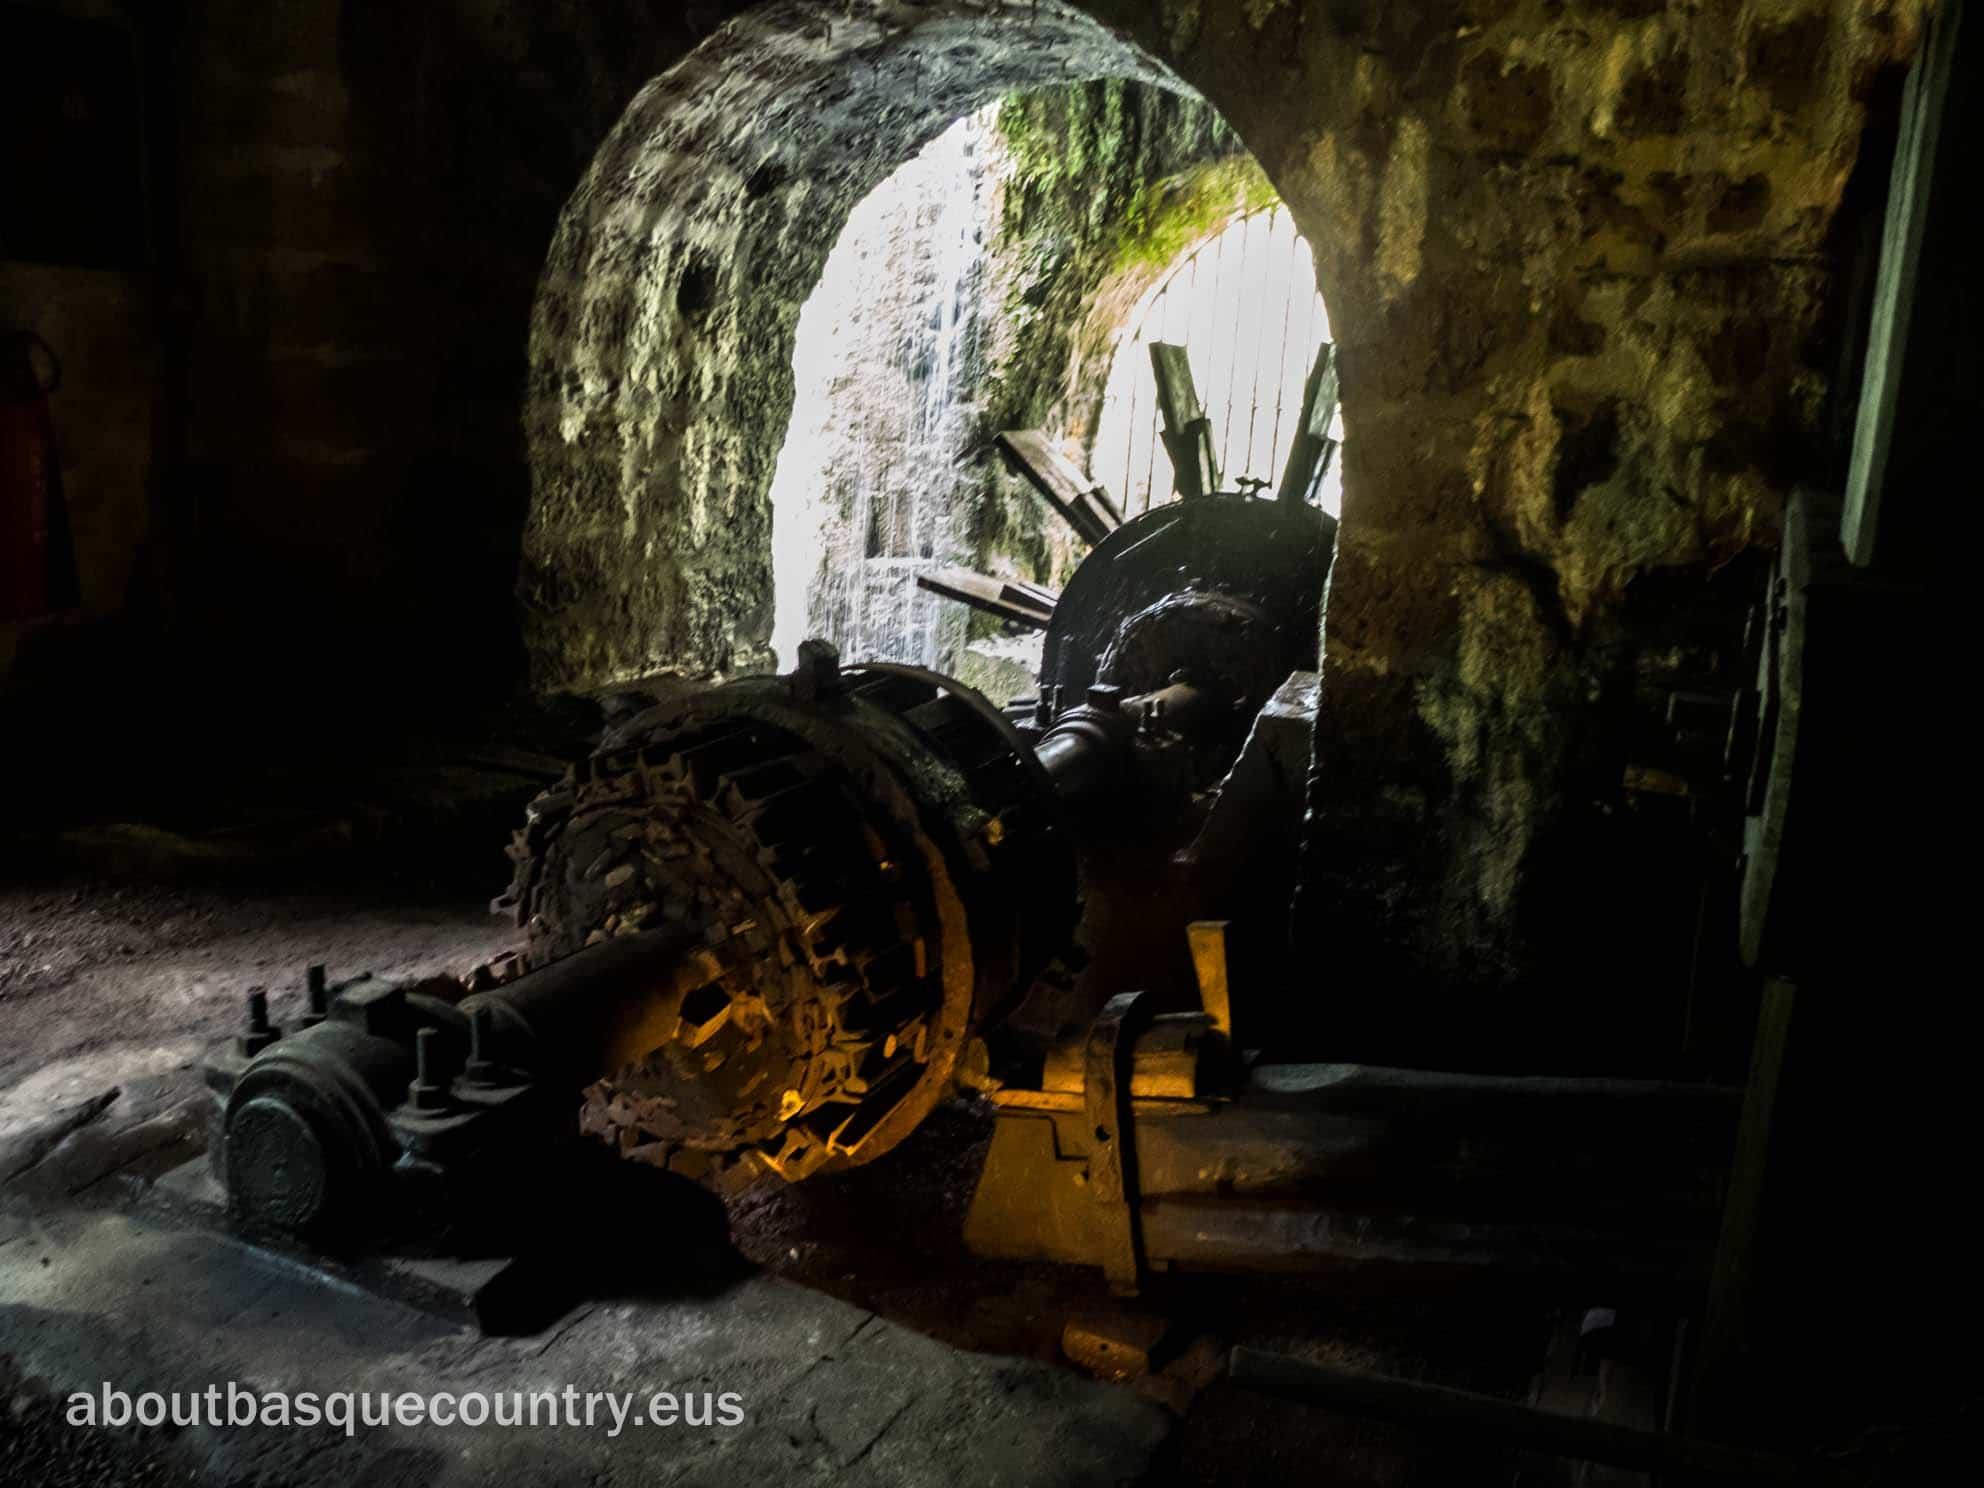 Un detalle del Ingenio Hidráulico que mueve el martillo pilón de la ferrería de El Pobal